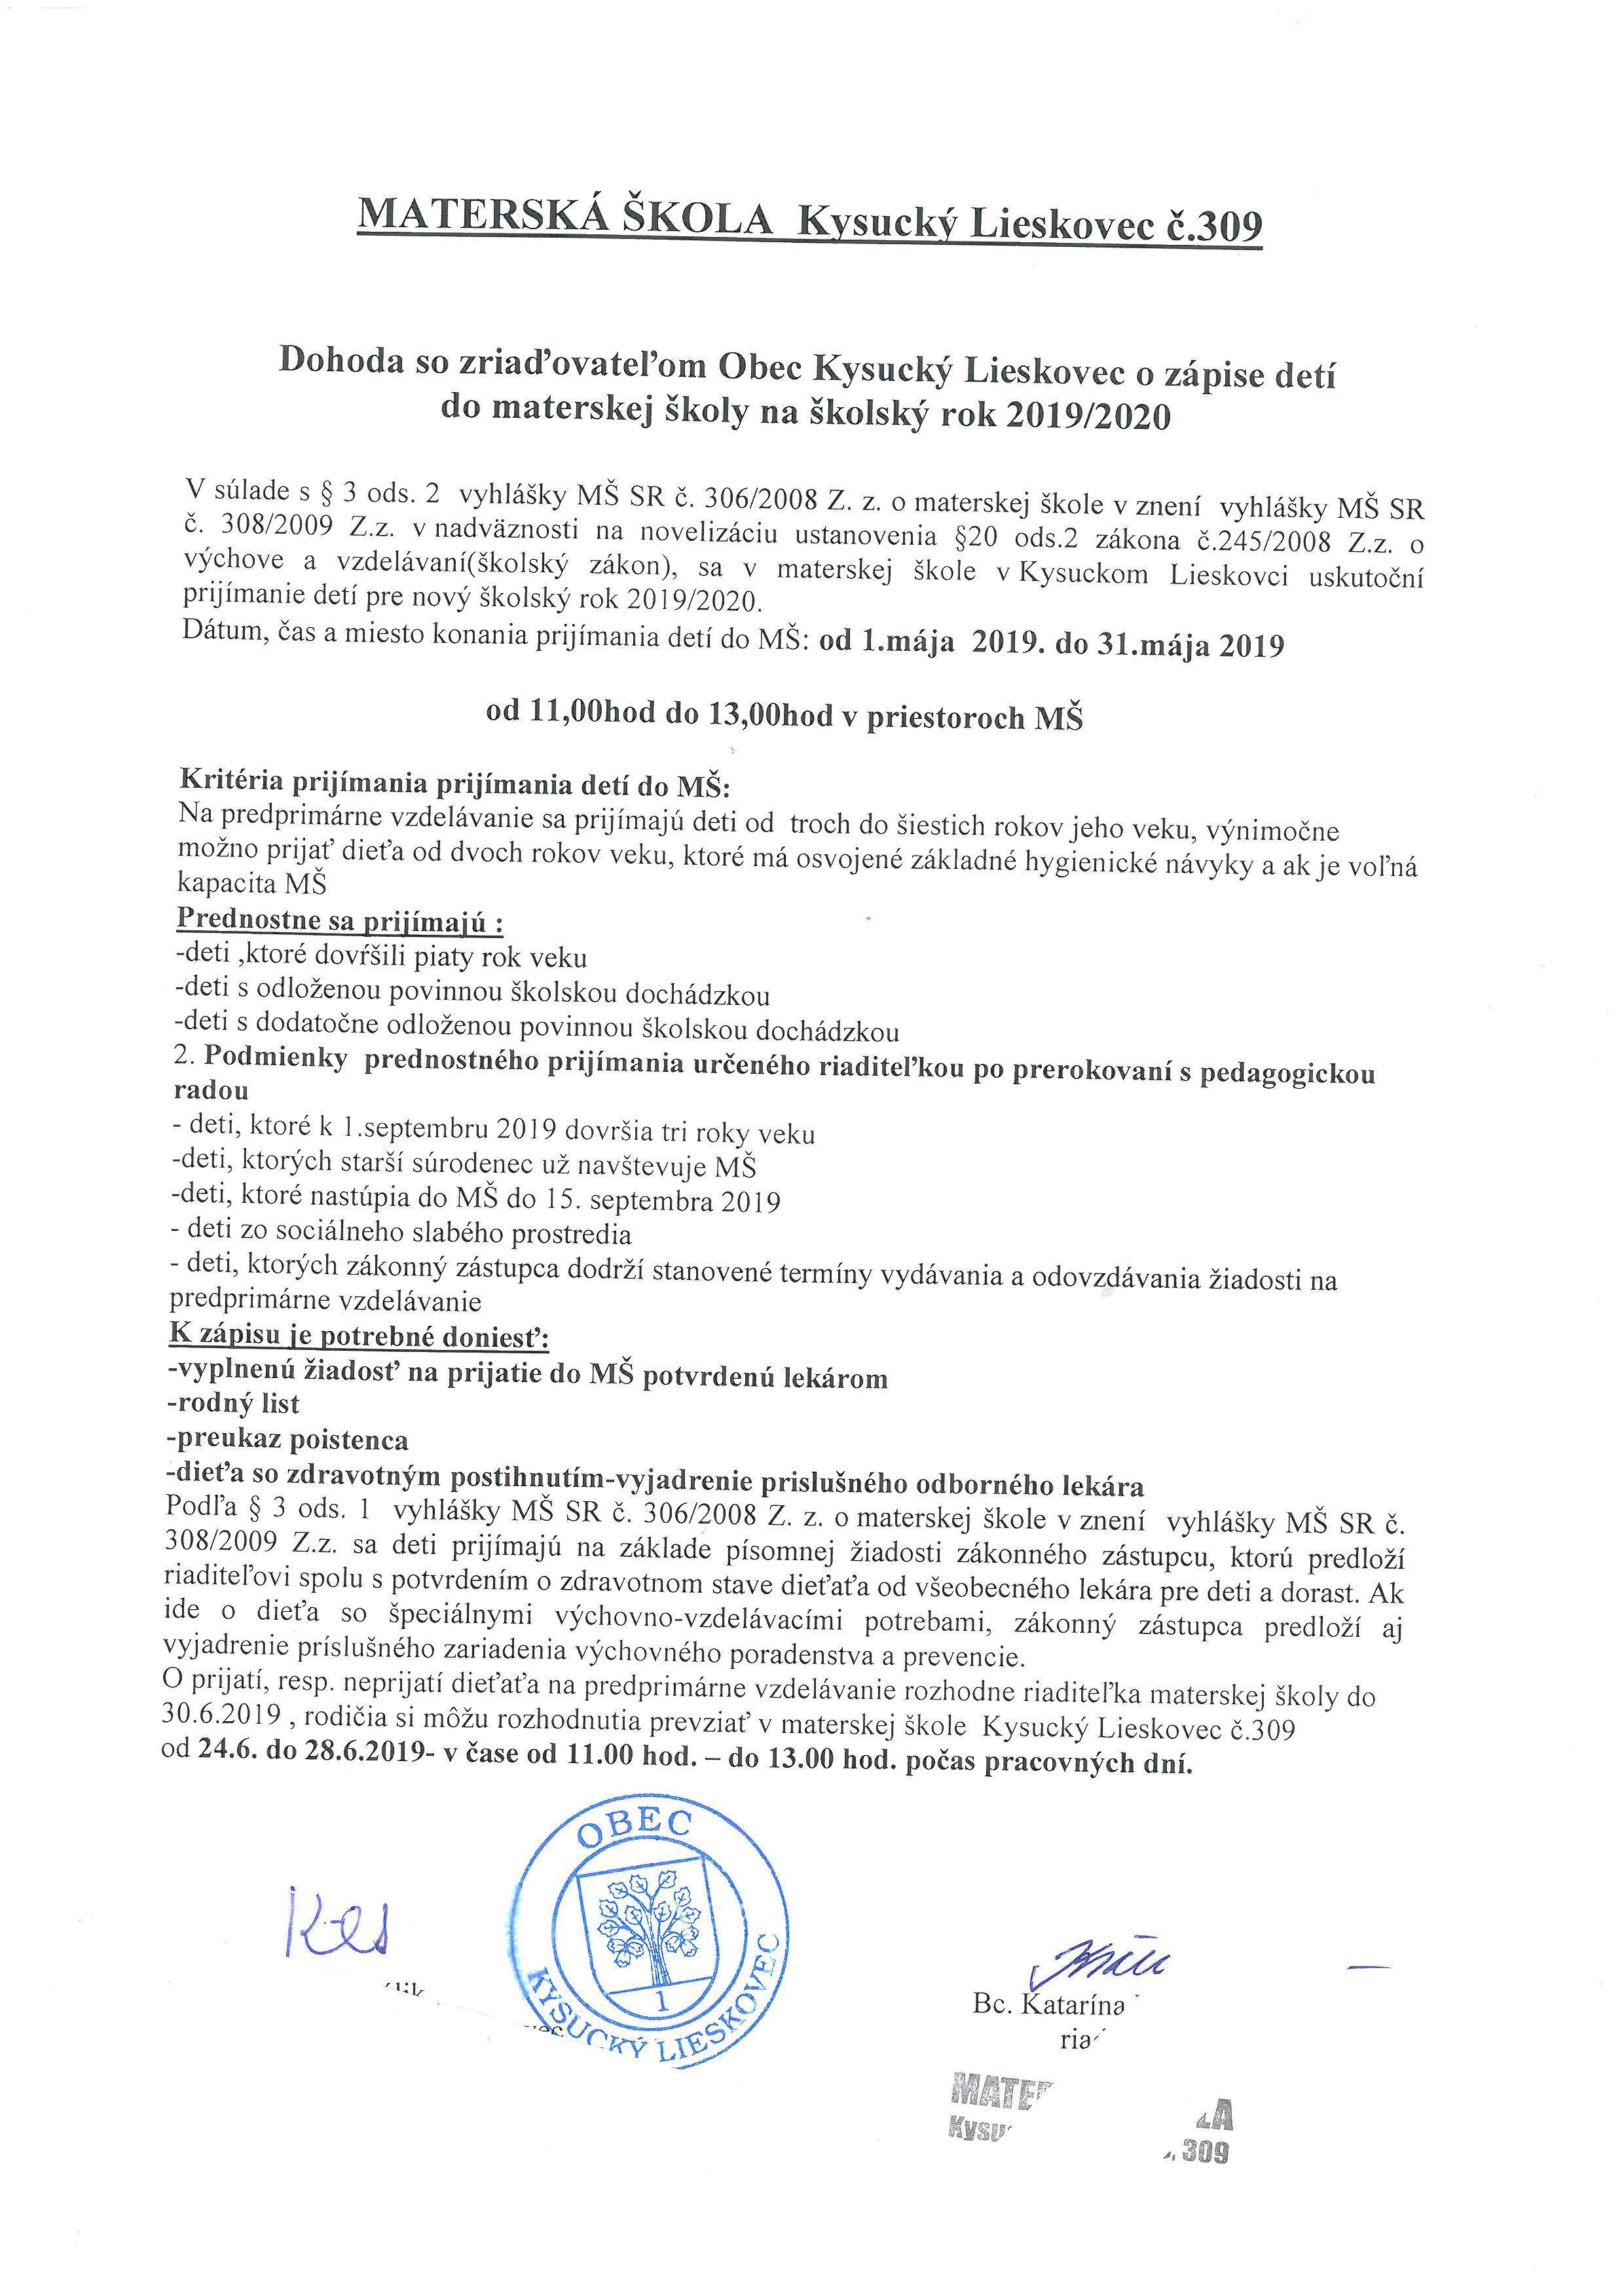 Zápis detí do Materskej školy v Kysuckom Lieskovci na šk.rok 2019/2020